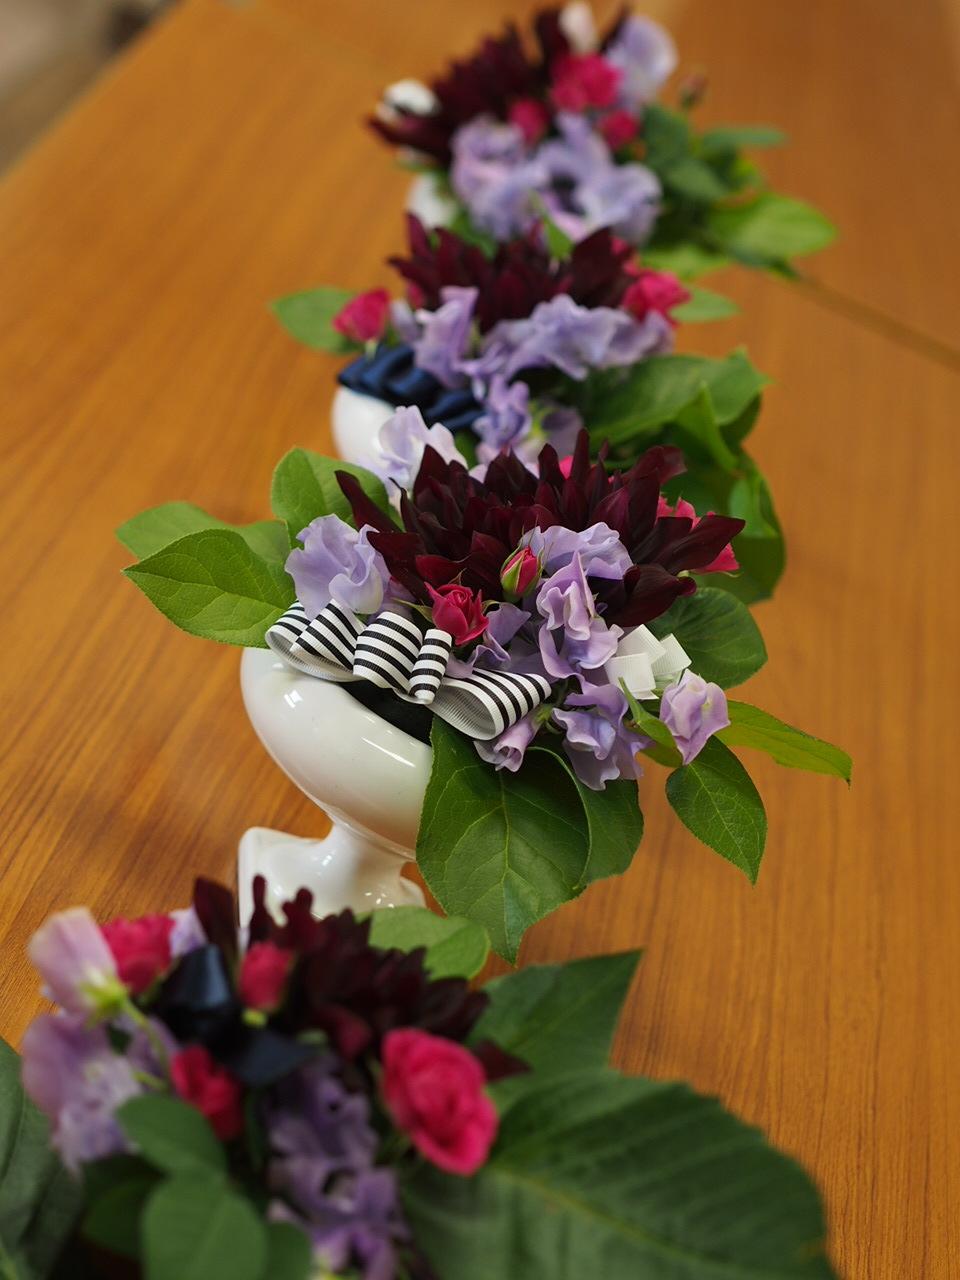 春のお花でアレンジメント_d0144095_17445409.jpg